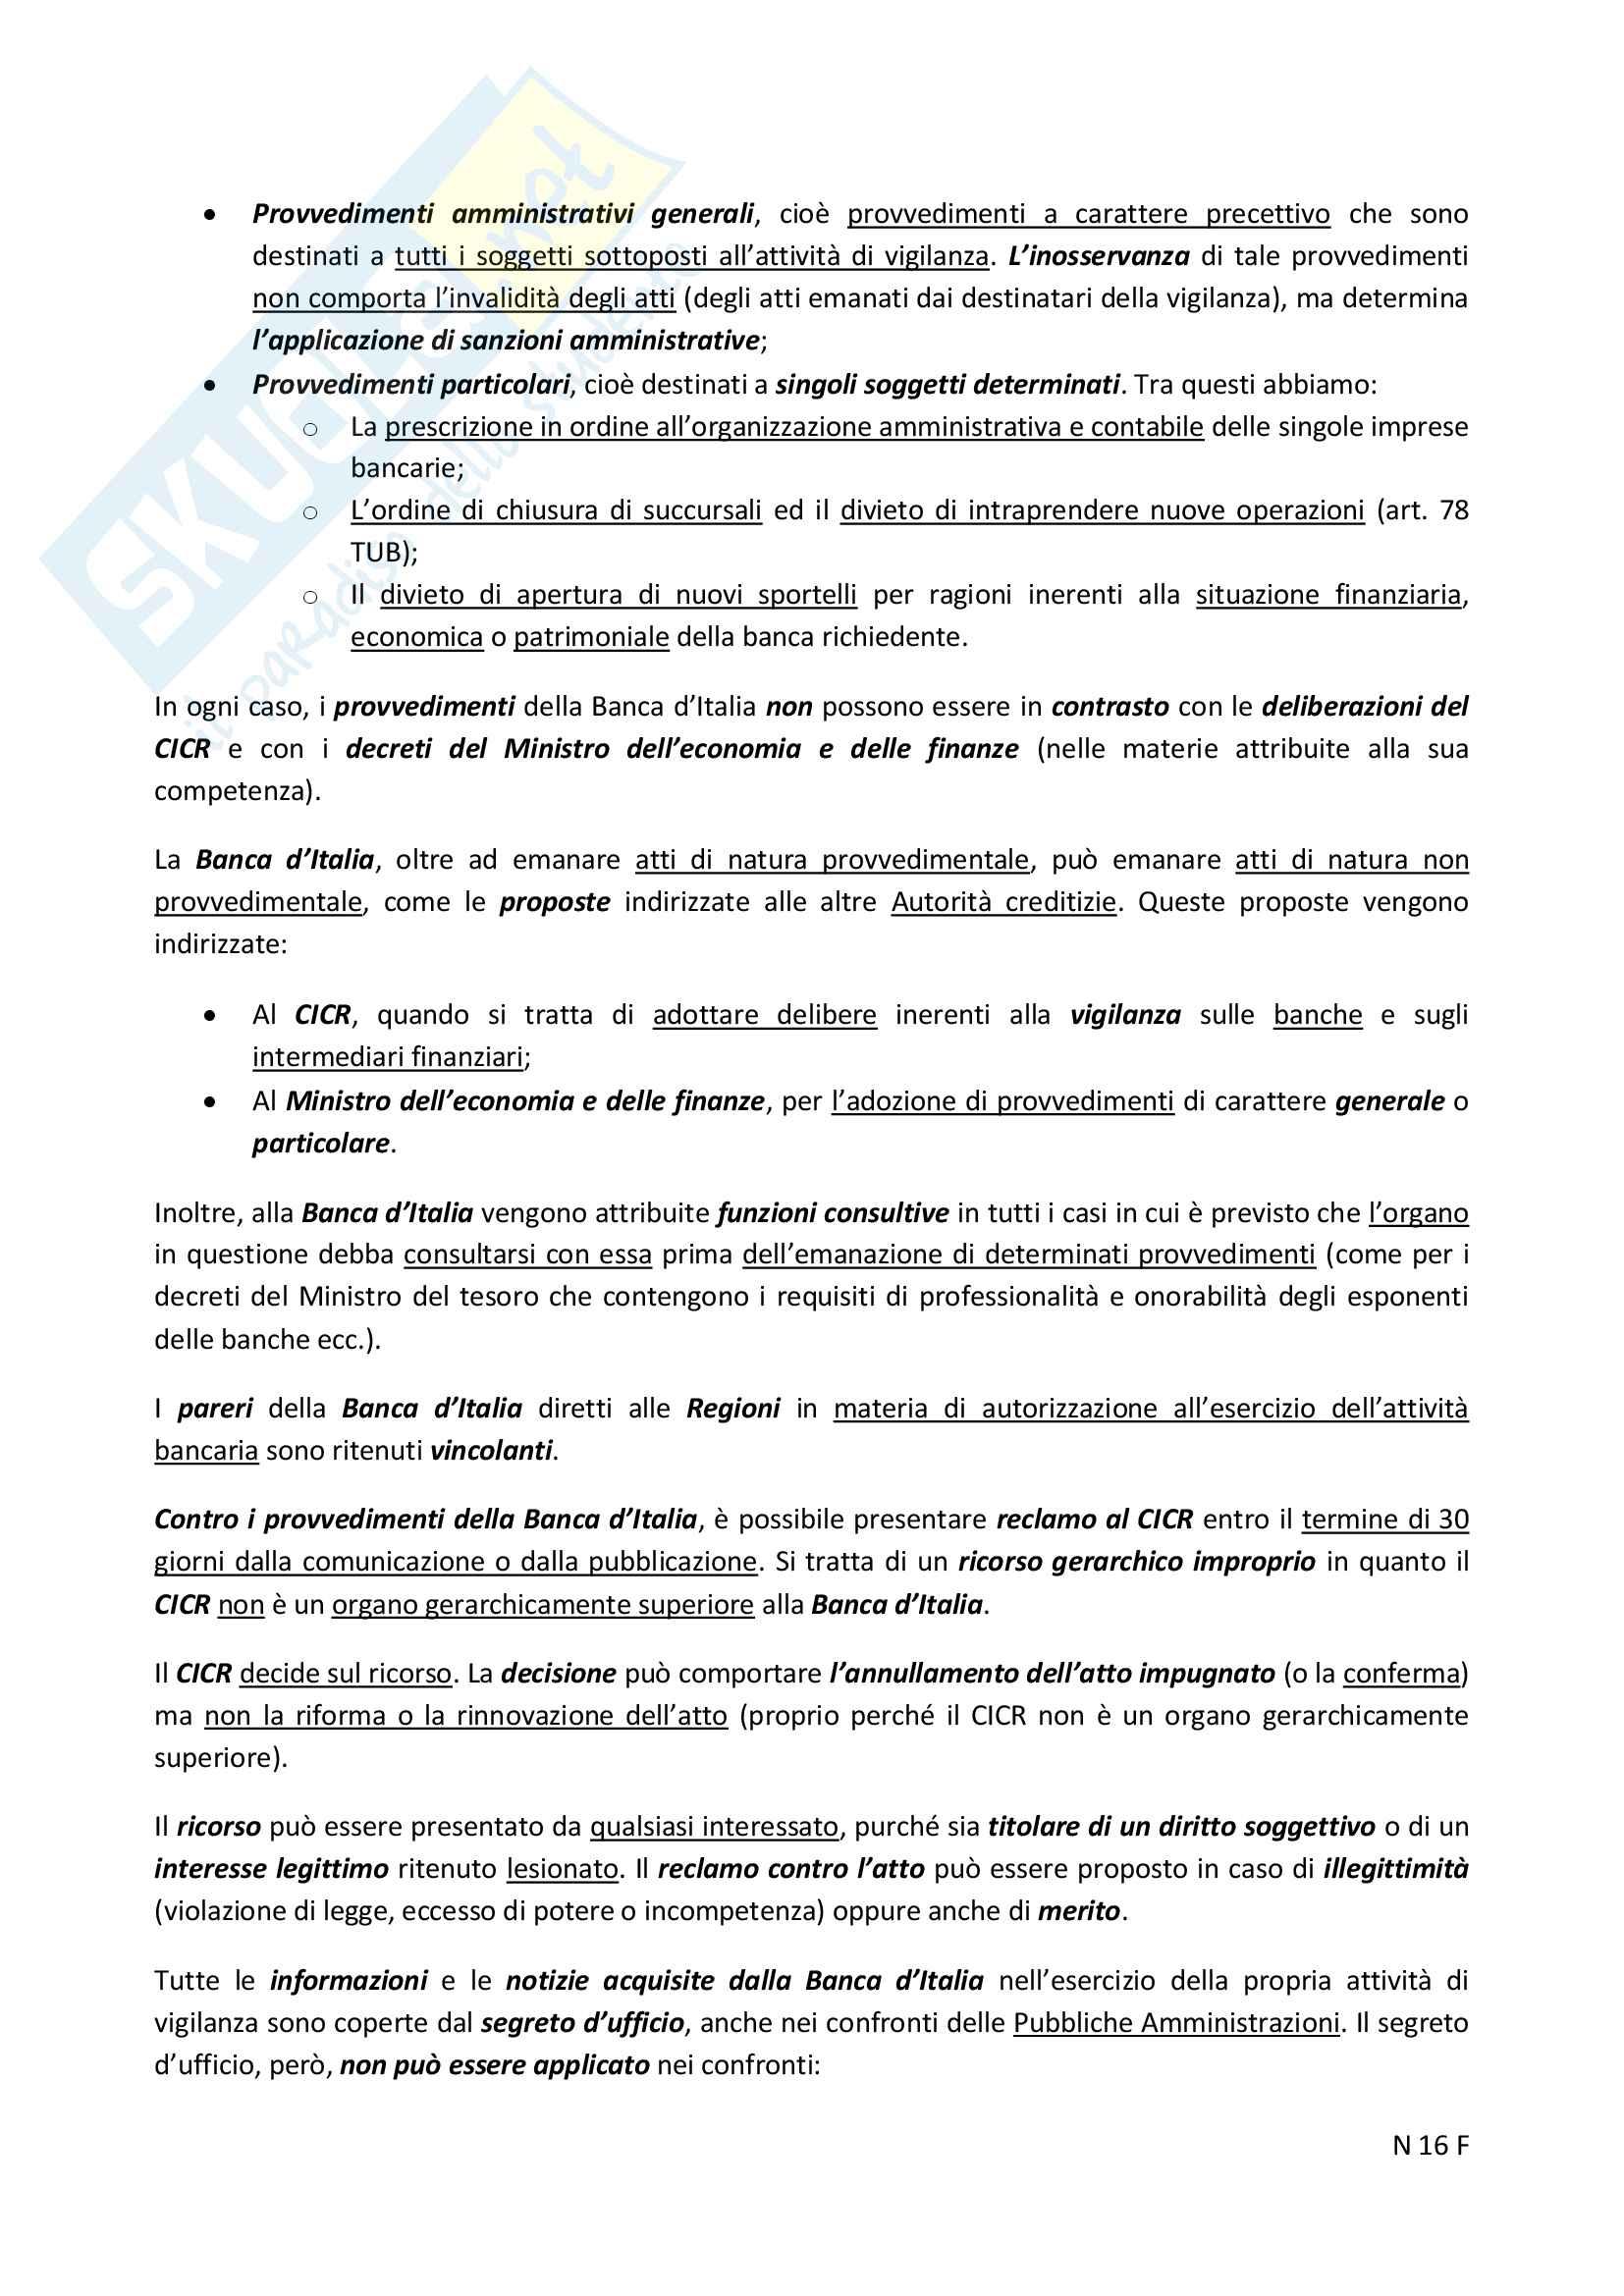 """Riassunto esame Diritto Bancario e Finanziario, prof.  Ciraolo, Libro consigliato """"Diritto Bancario e Finanziario"""", Giuffrè, quarta edizione. Pag. 16"""